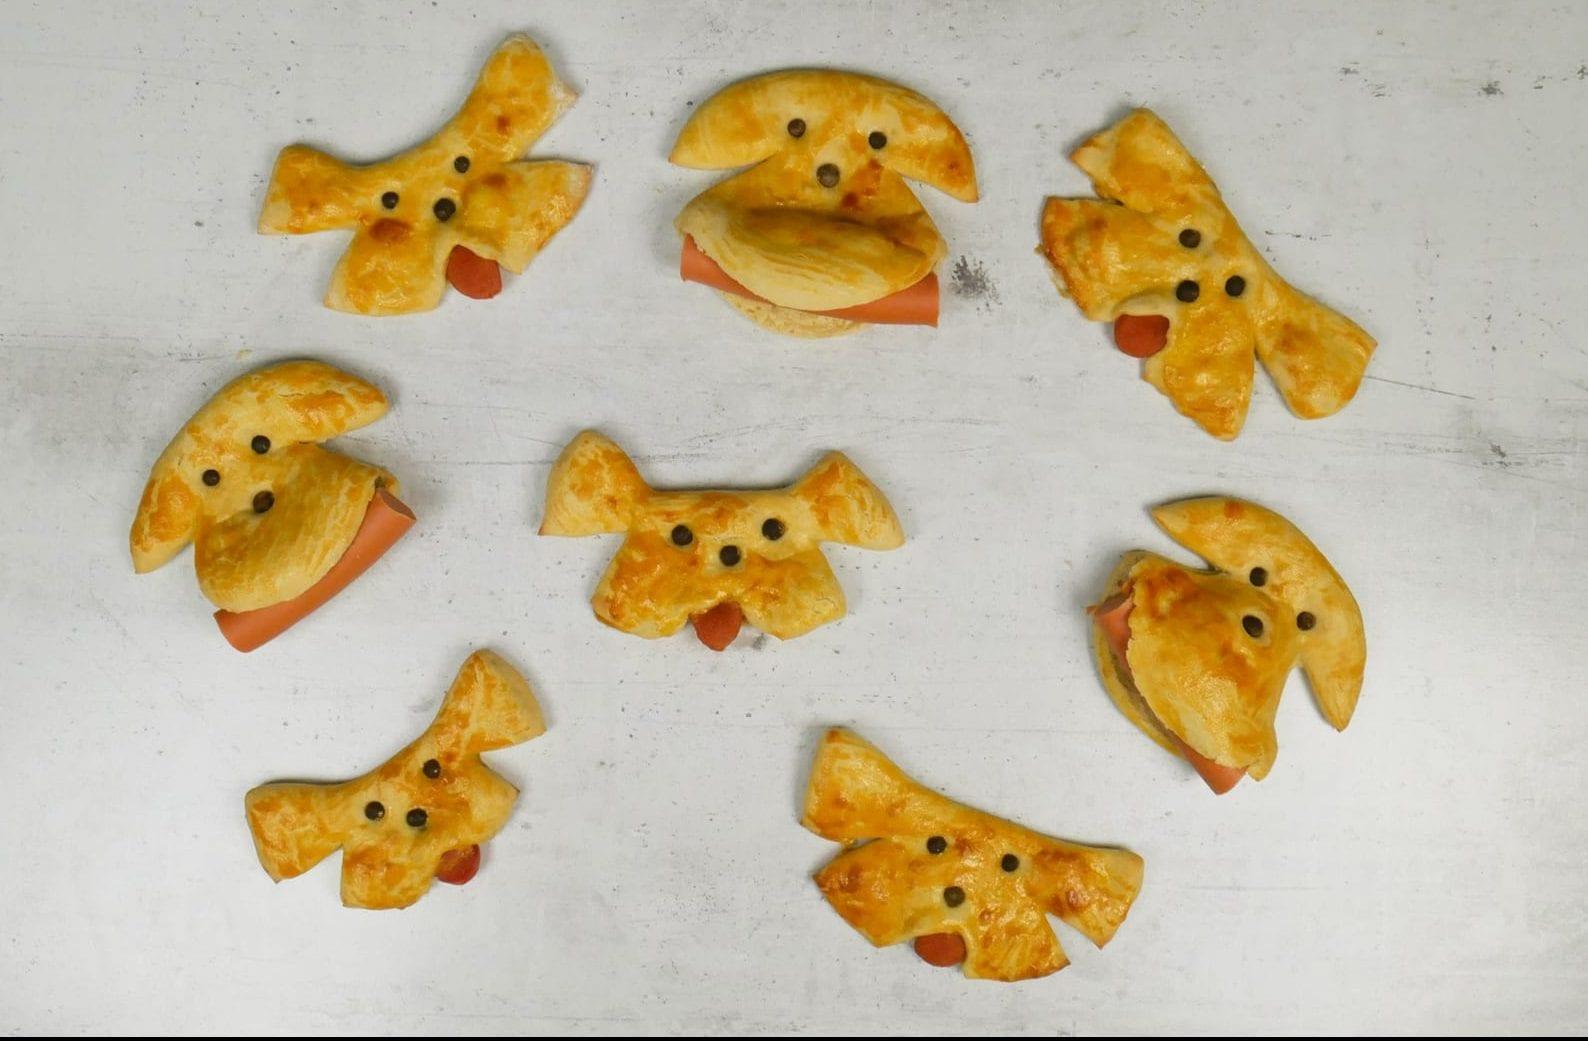 Παιχνιδιάρικα σκυλάκια από ζύμη για παιδικό πάρτυ